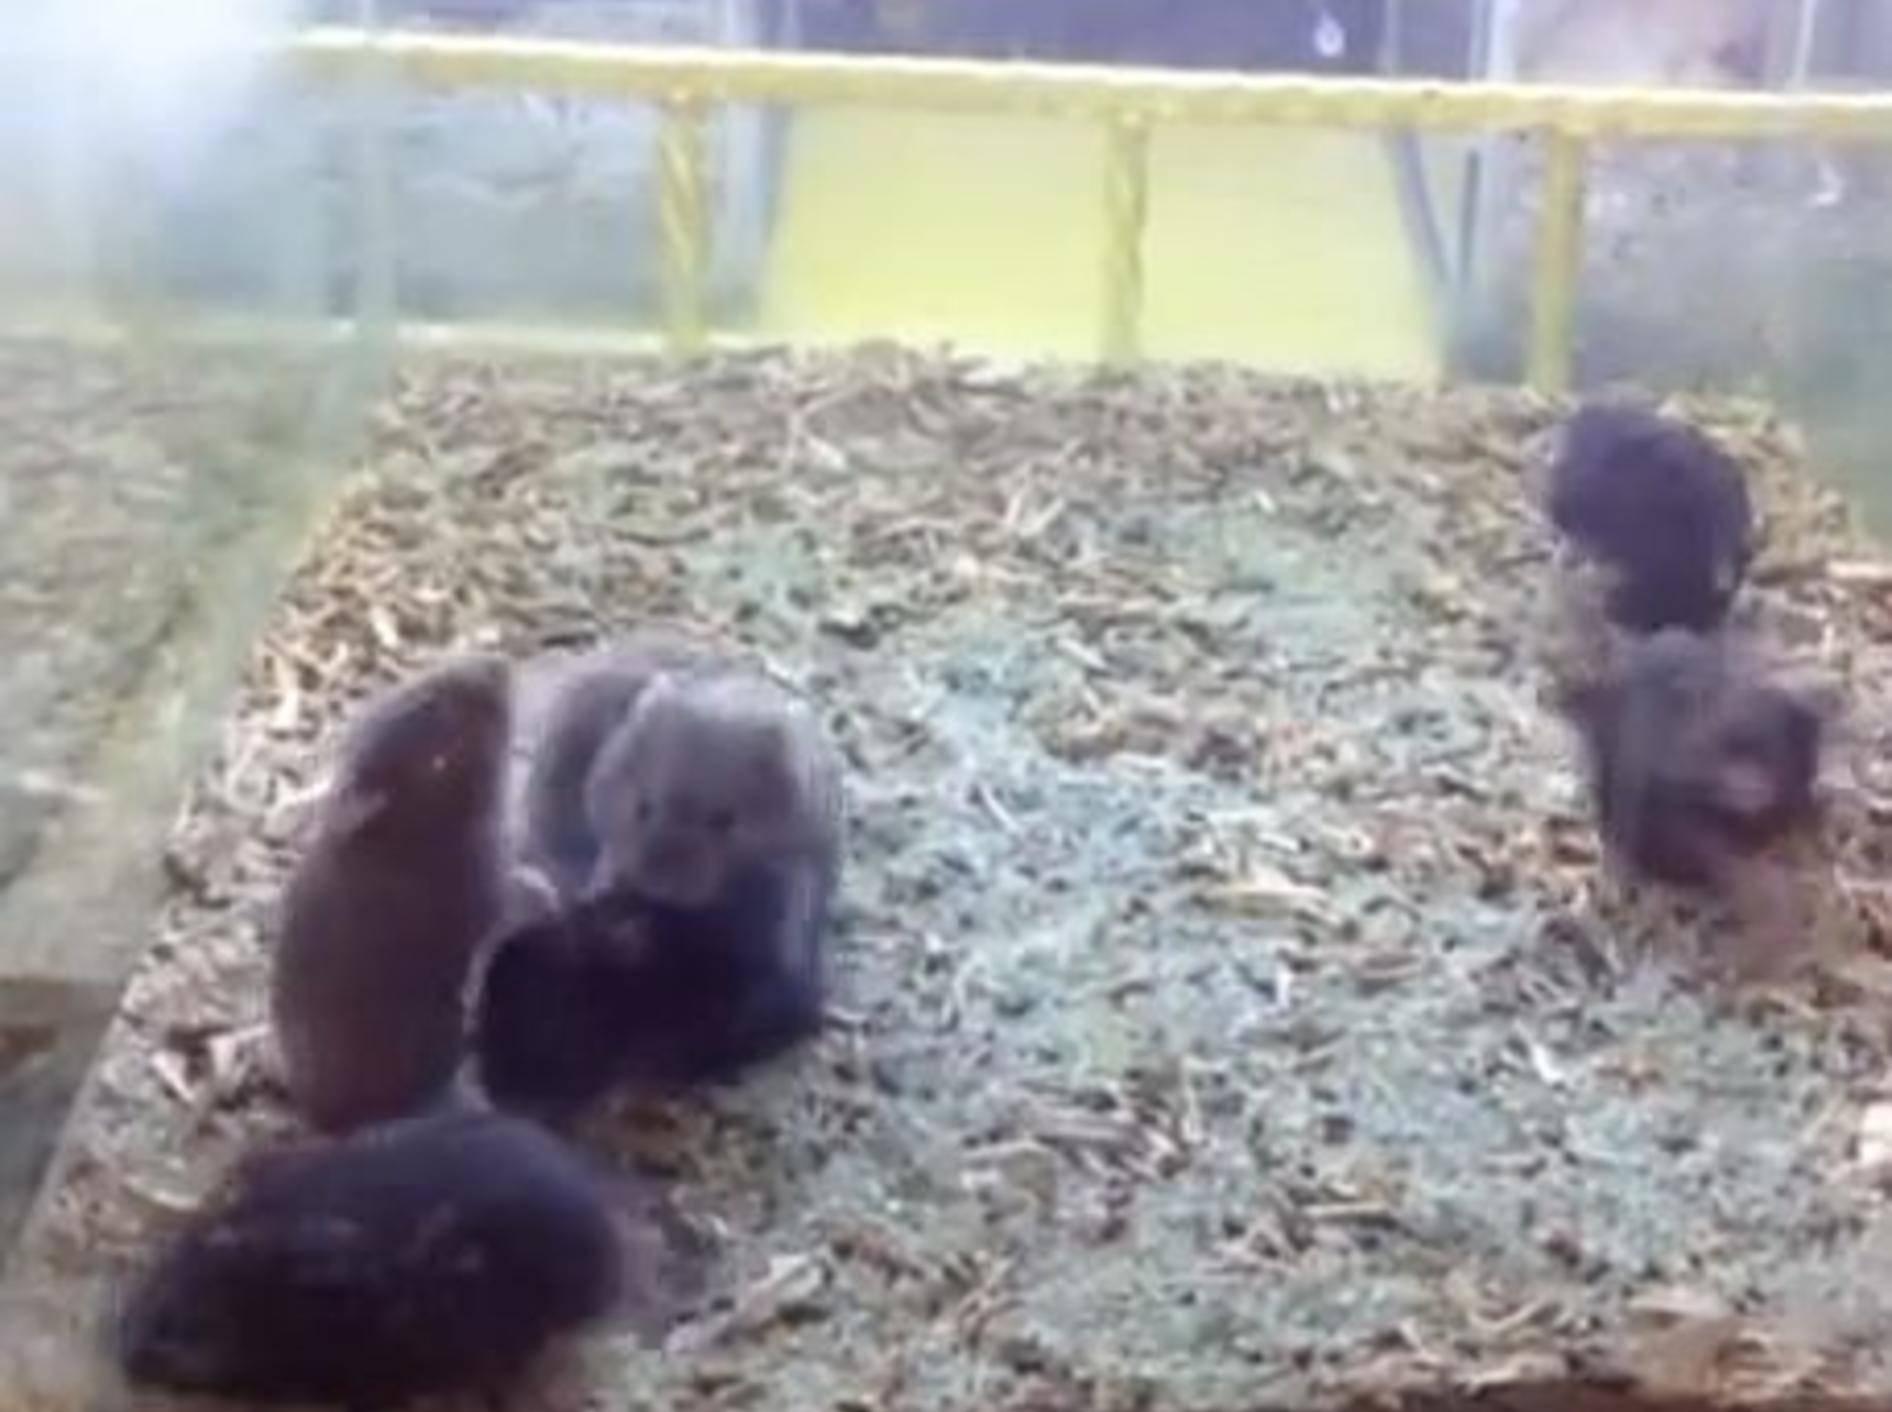 Hamster Harlem Shake: Kein Spaß für Tierliebhaber -Bild: Youtube / Ronggowisnu Prihadi